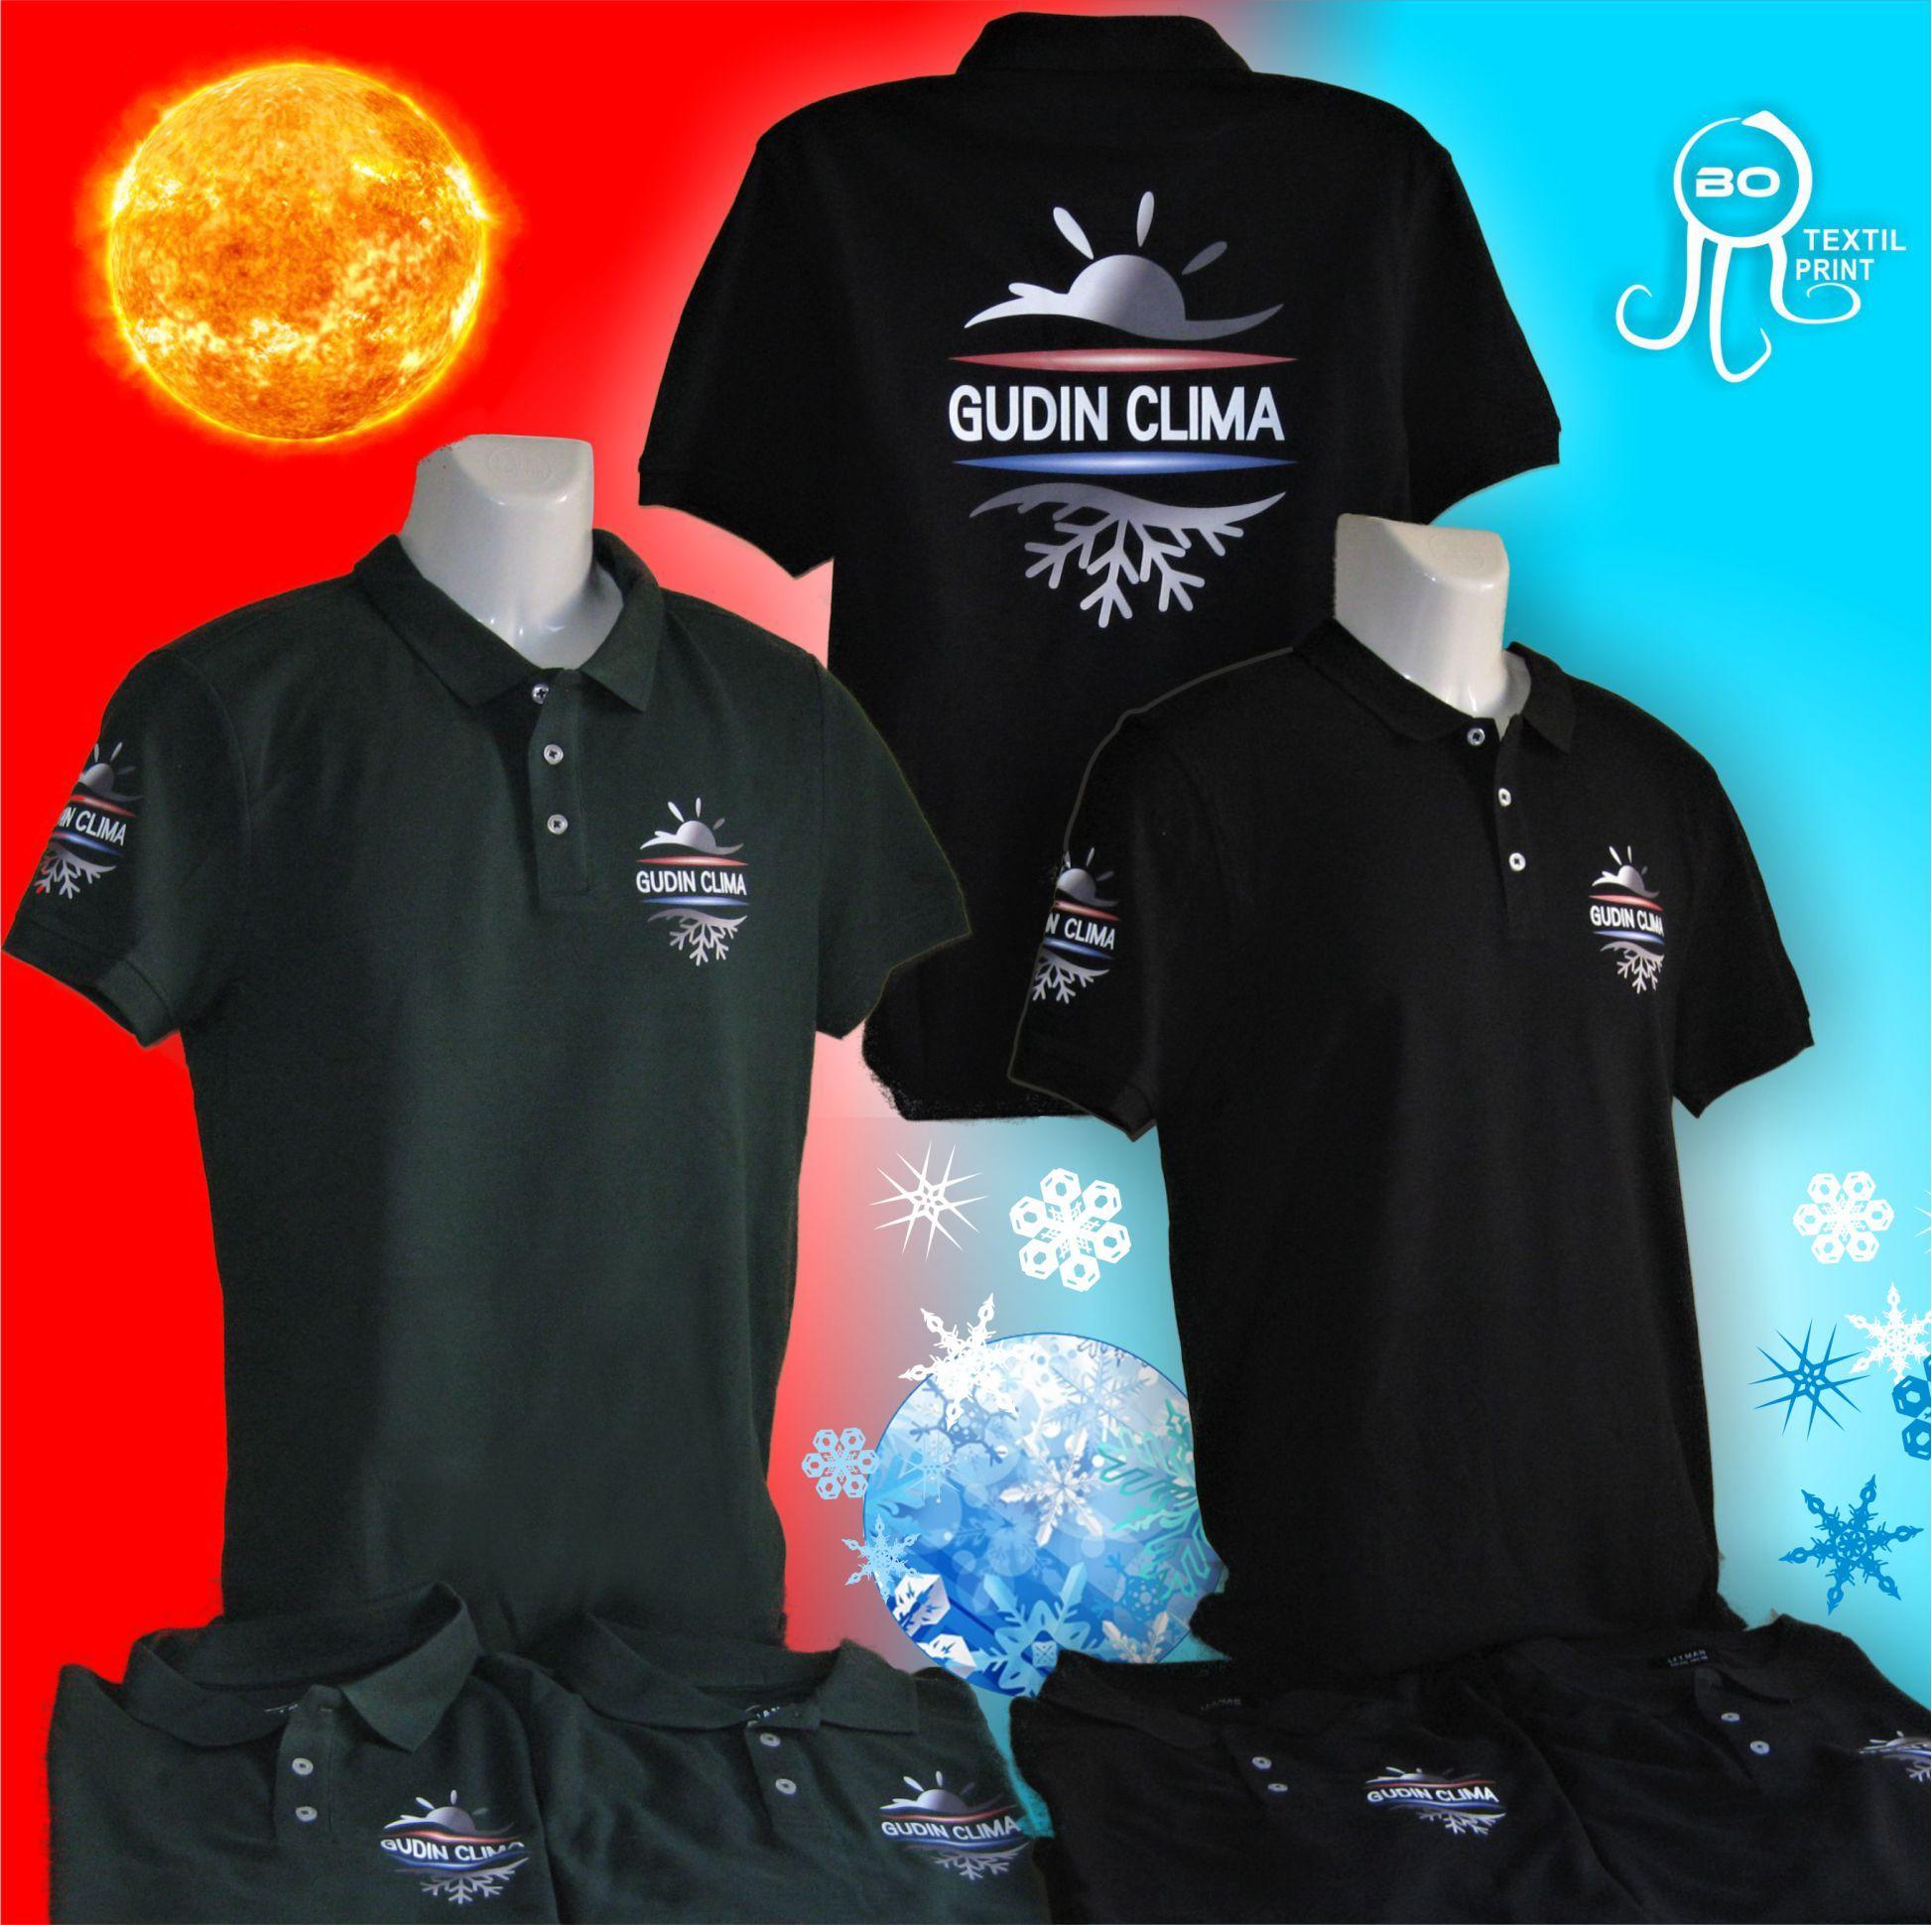 Polos Gudin Clima. www.botextilprint.es  botextilprint  serigrafia  bordado    7e77336b9083a